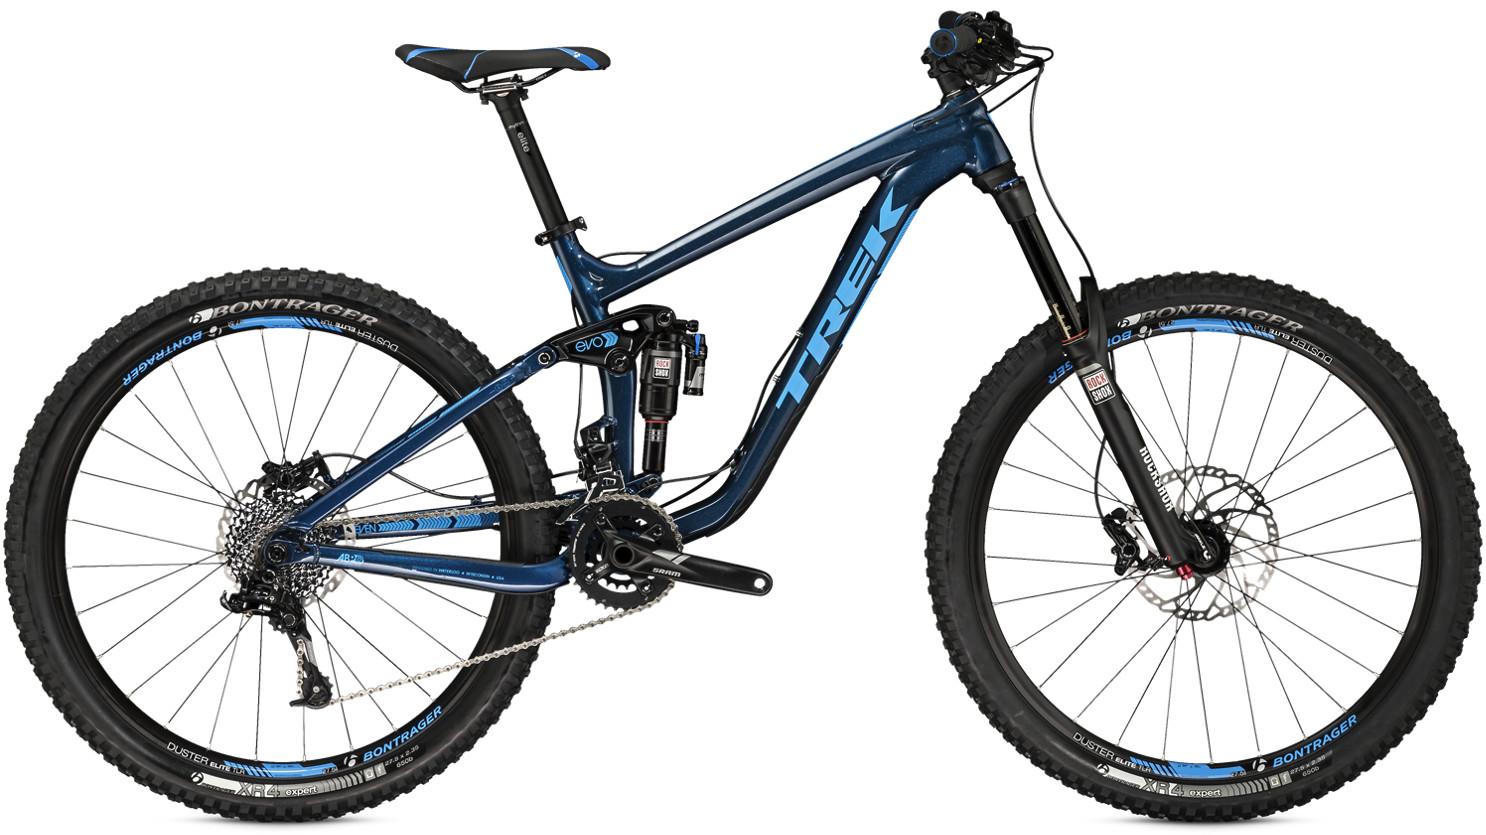 Trek Slash 7 27.5 Bike